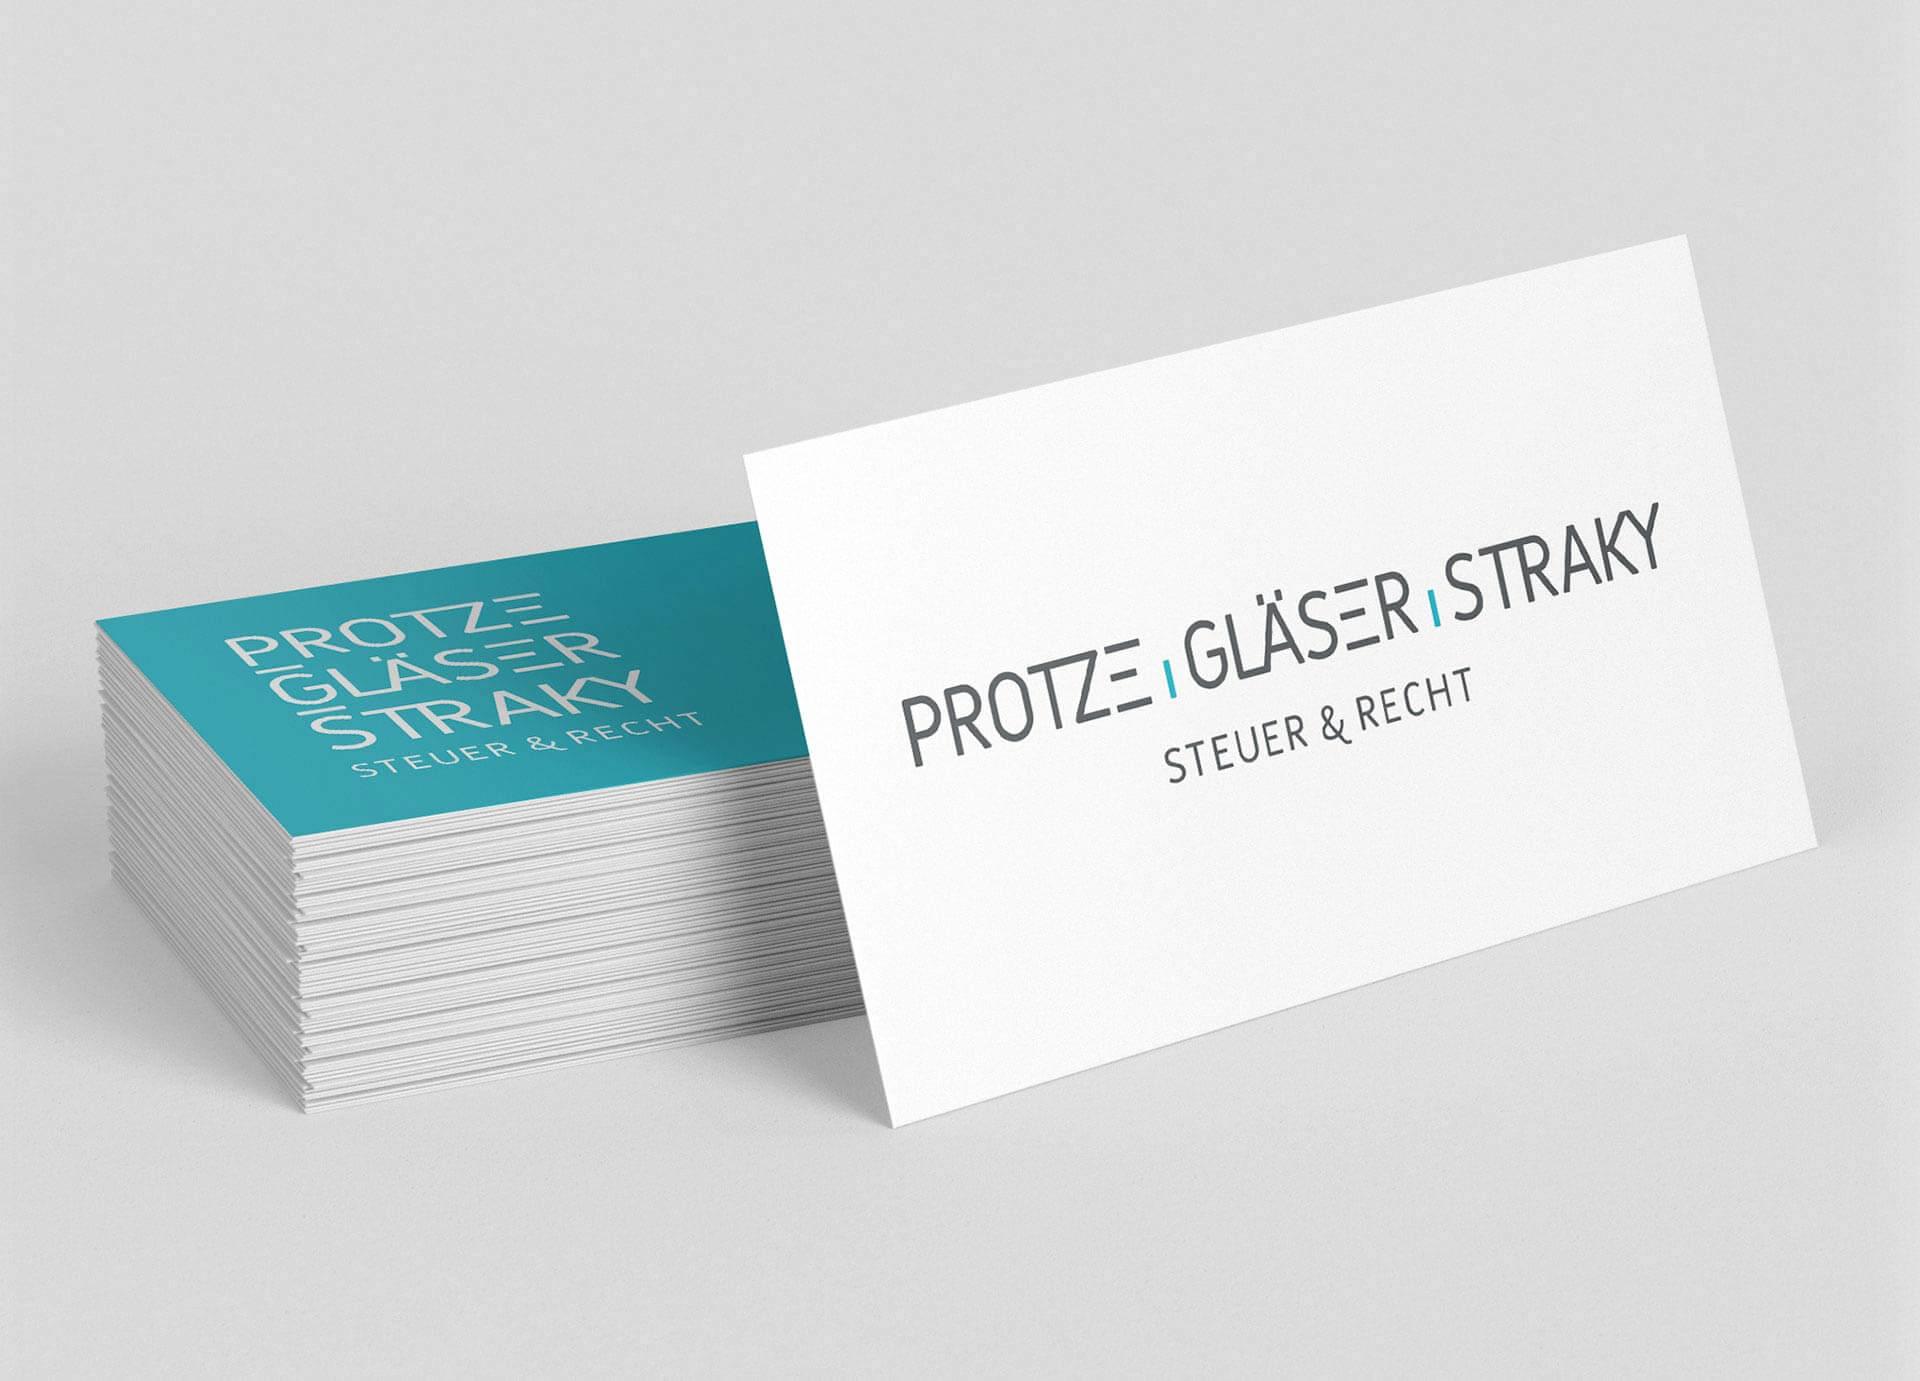 Visitenkarte und Logo-Design der Steuerkanzlei PROTZE GLÄSER STRAKY aus Frankfurt am Main